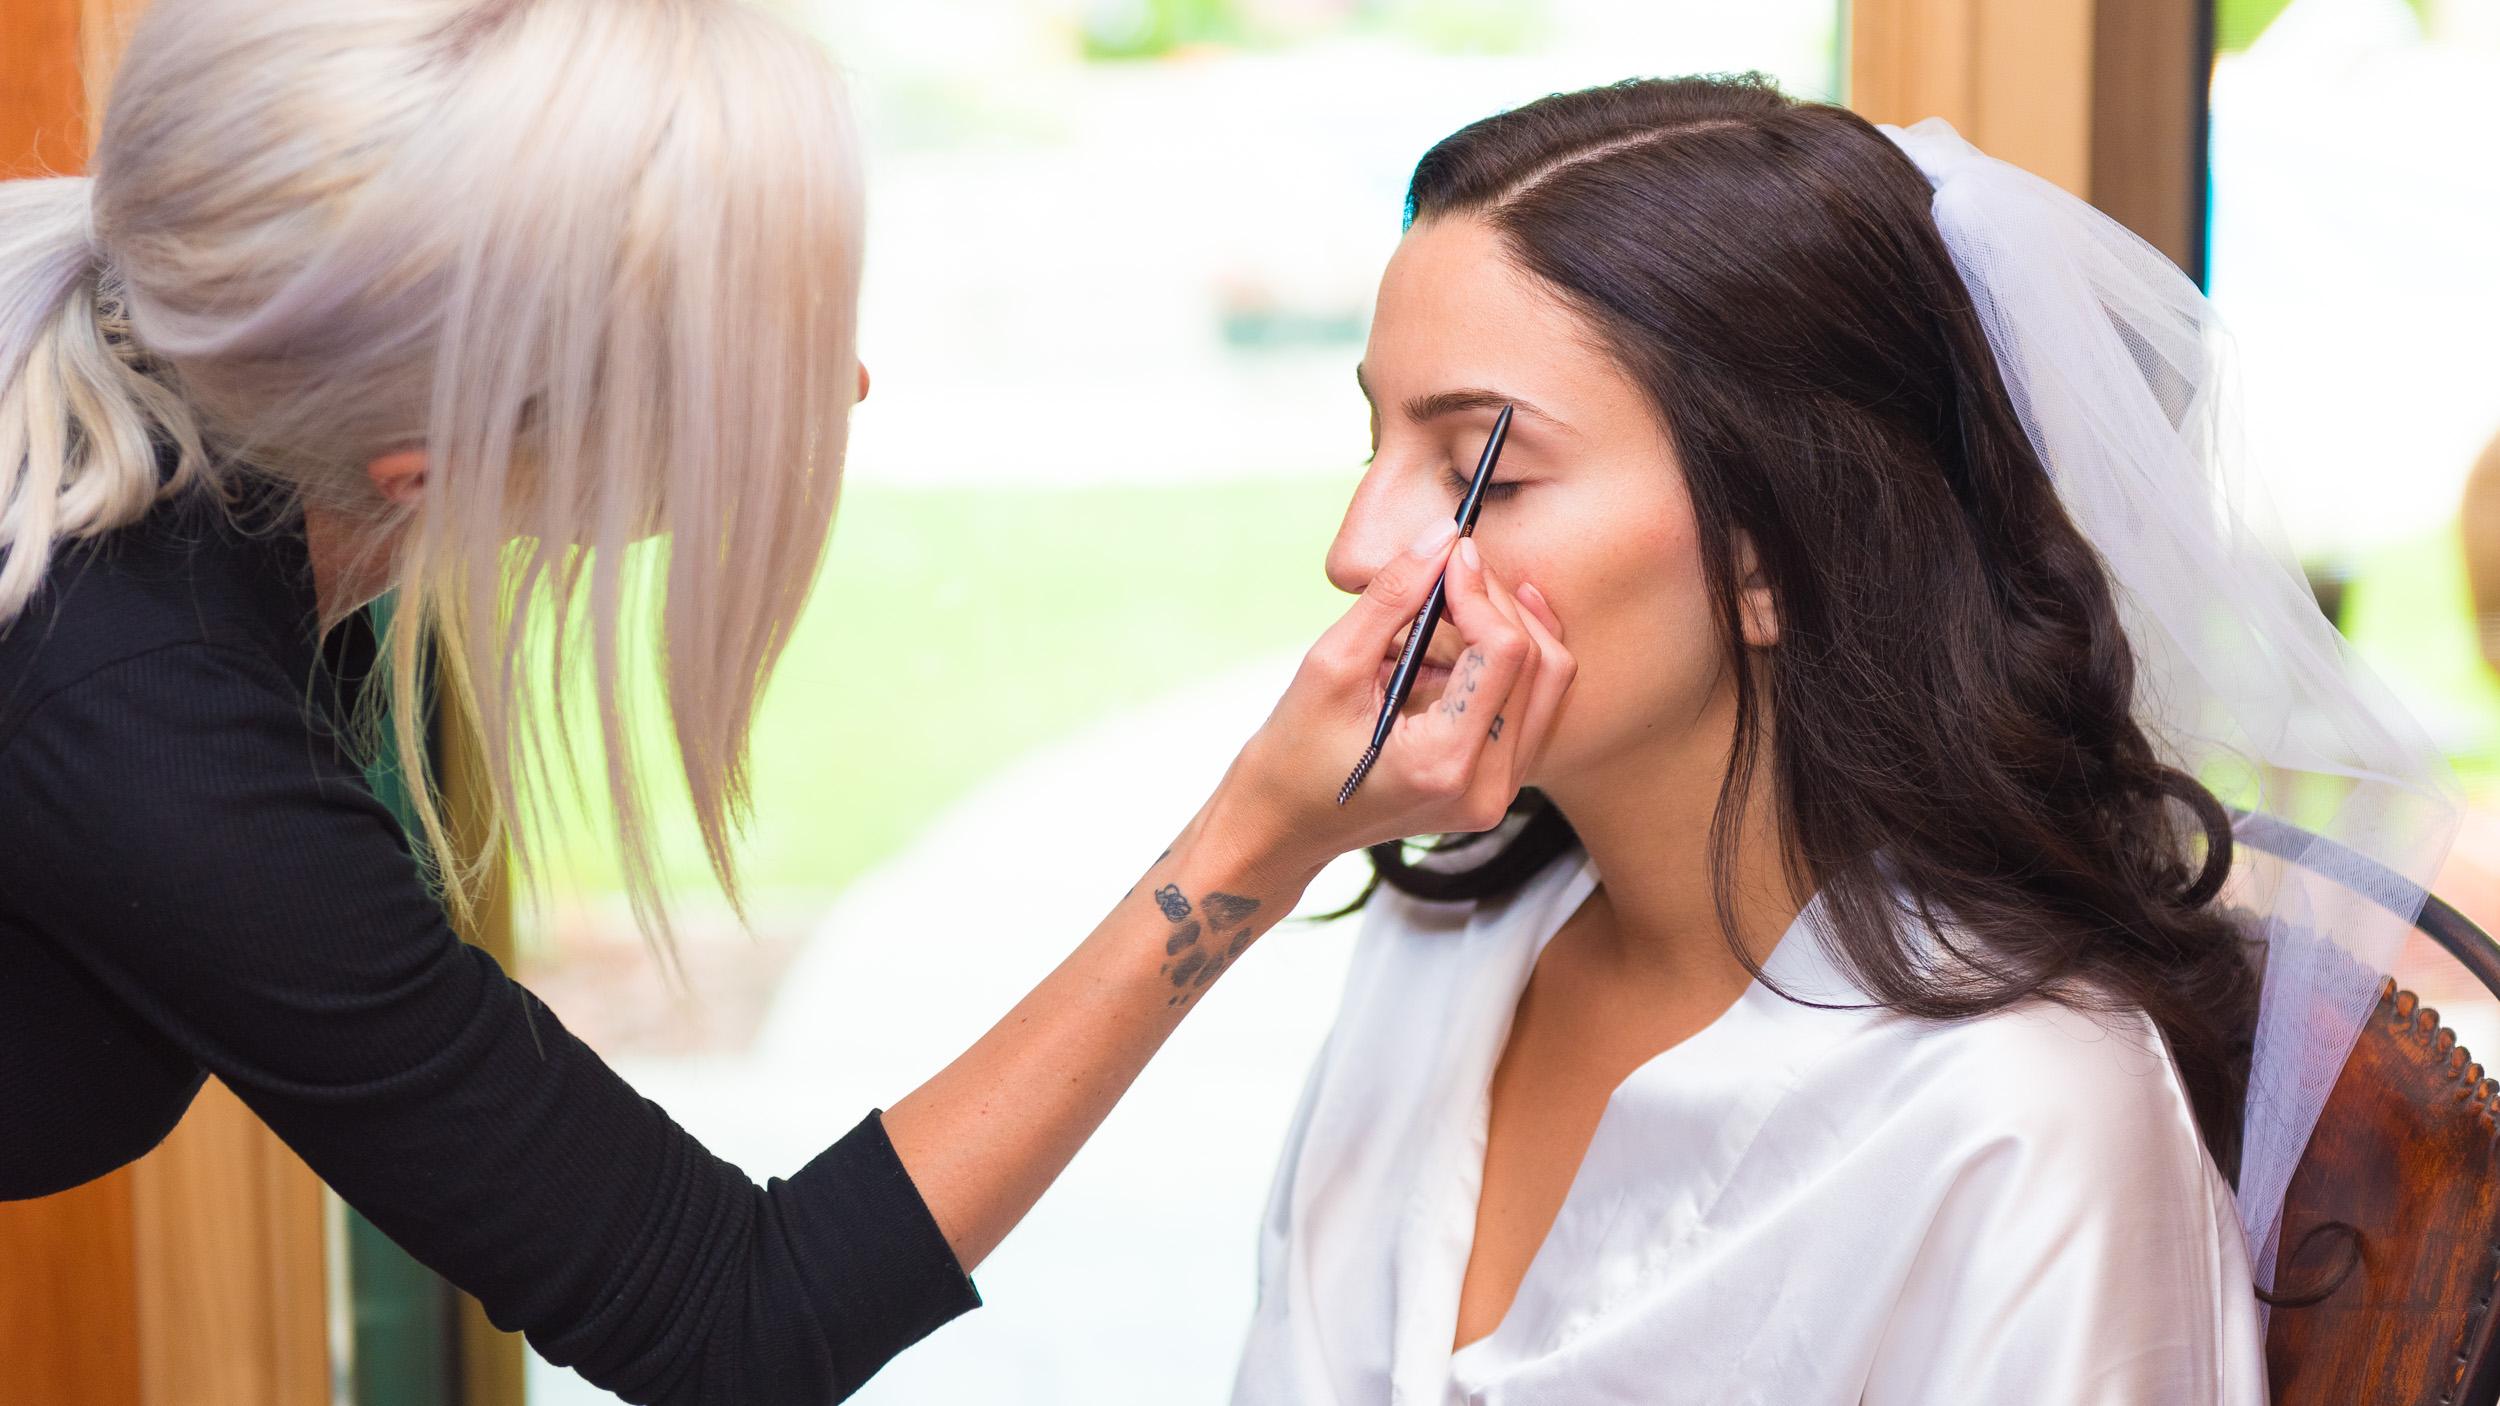 bride-getting-ready-makeup-1.jpg